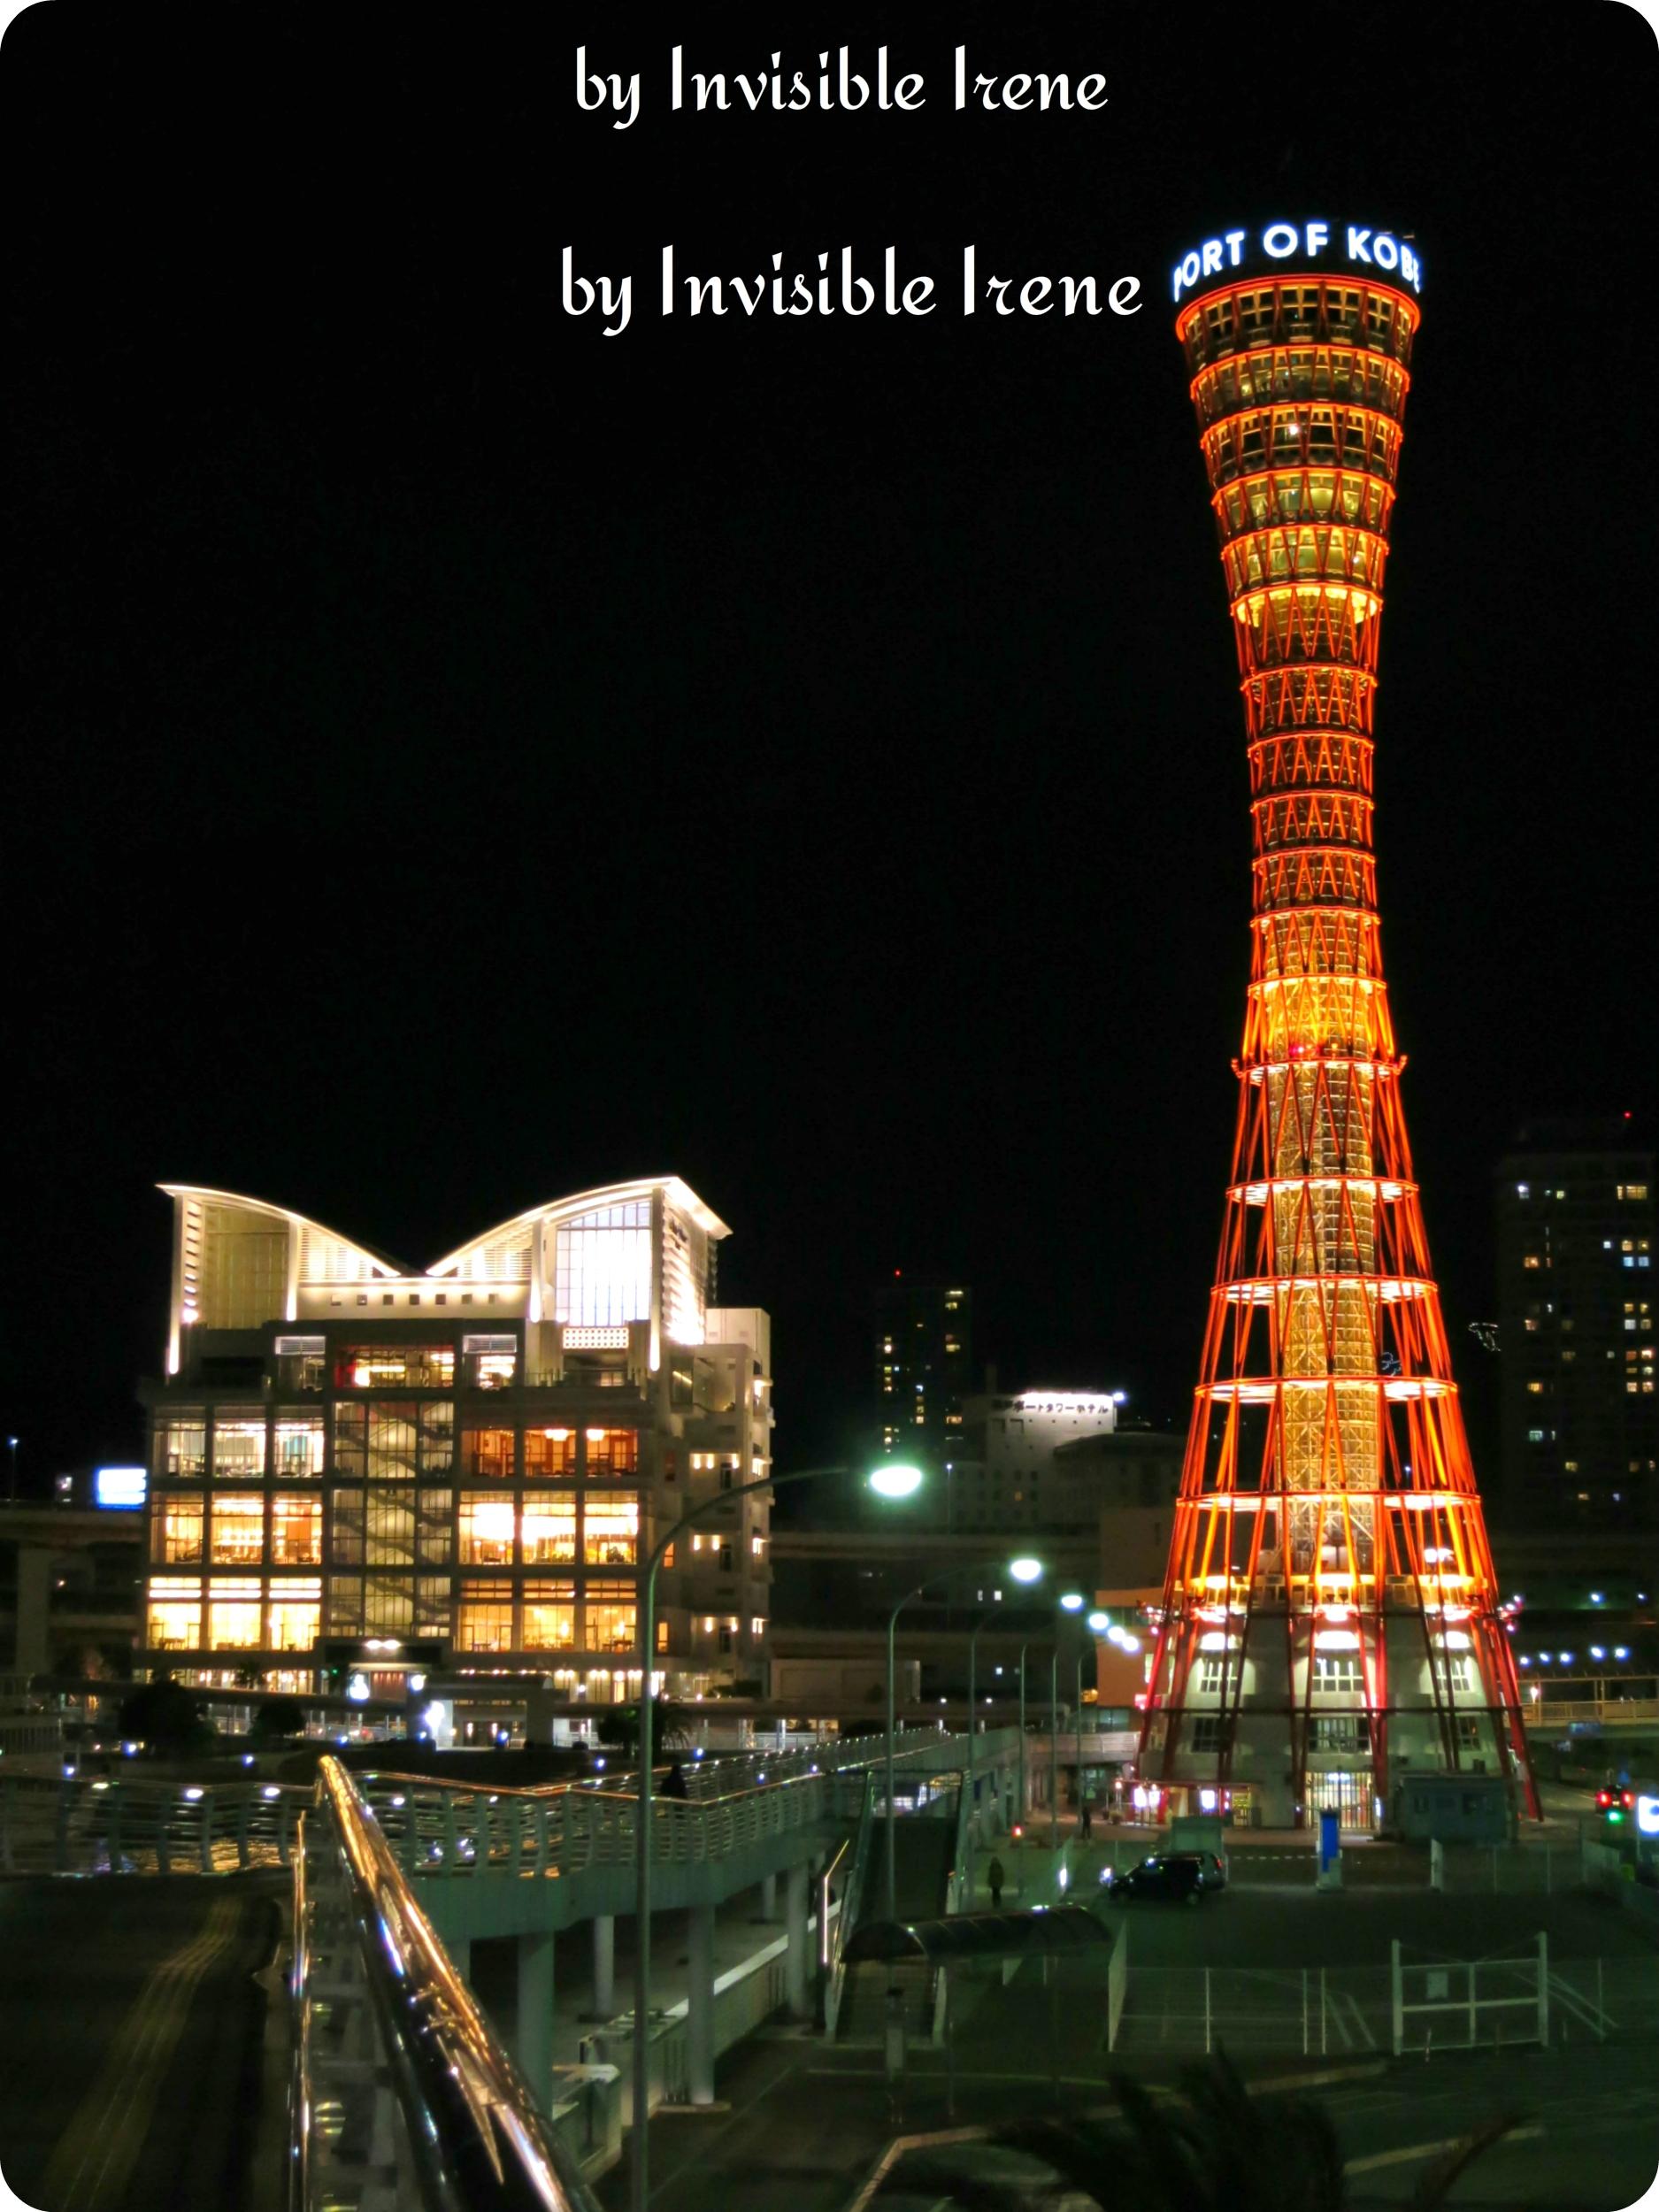 速遊阪神三日兩夜 | U Travel 旅遊資訊網站